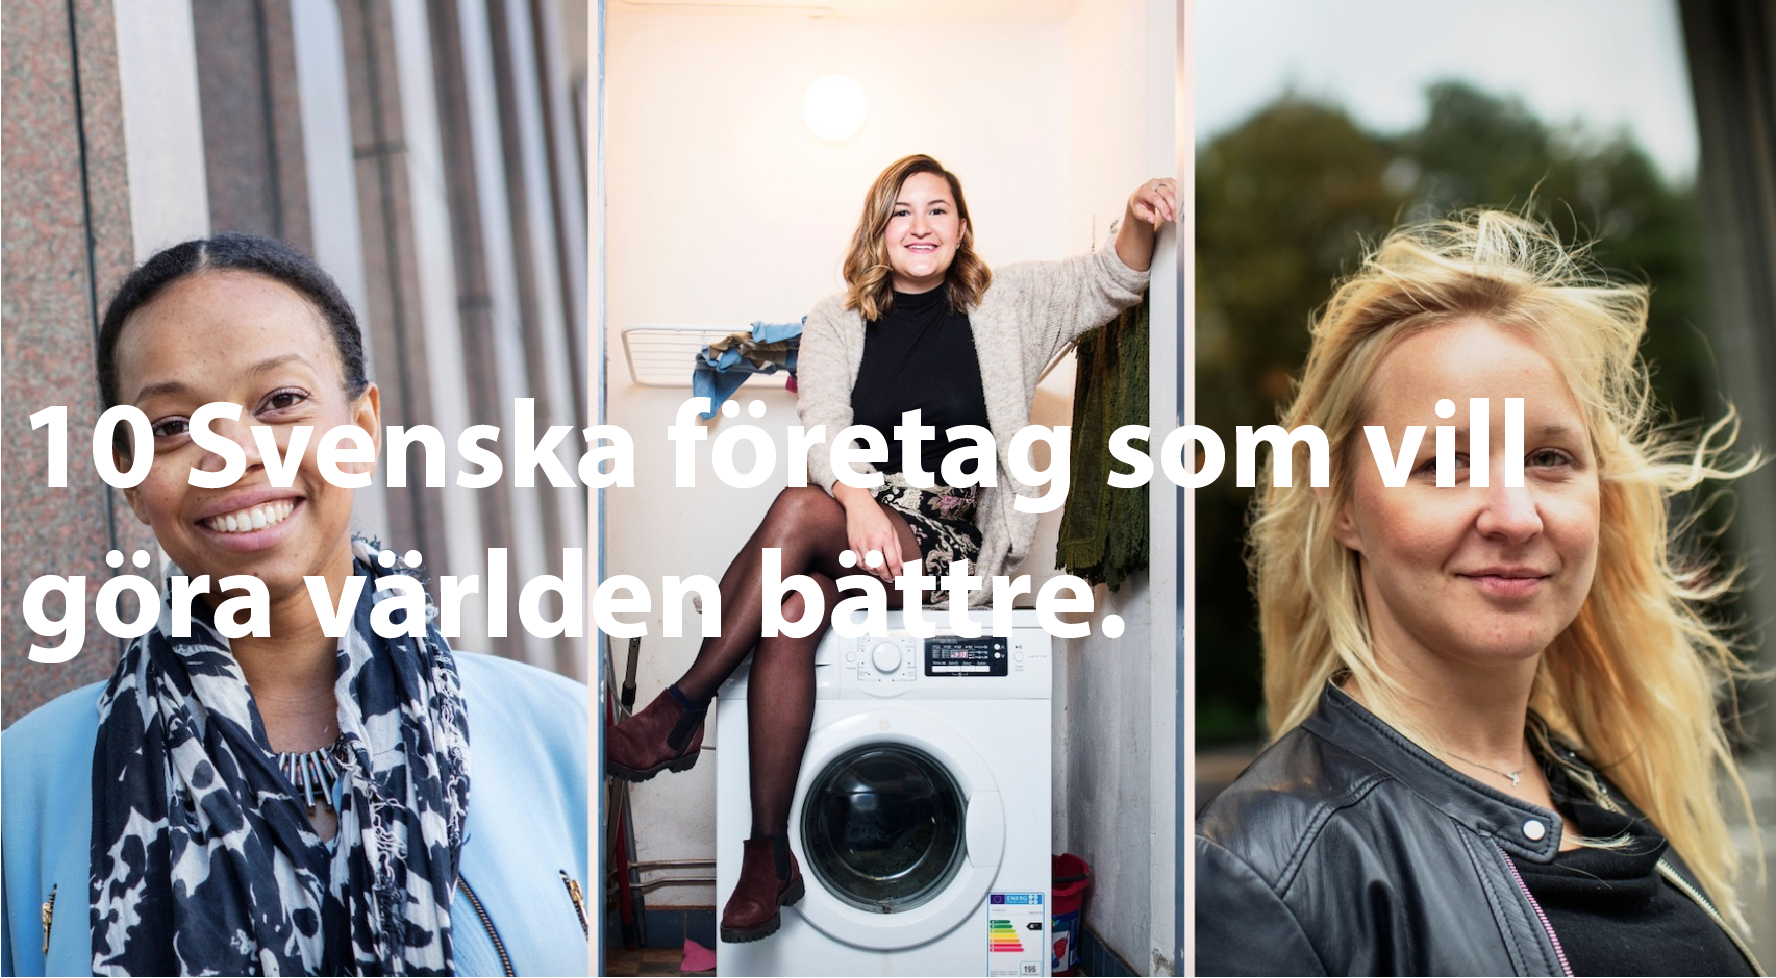 Digital.di.se, December 2018